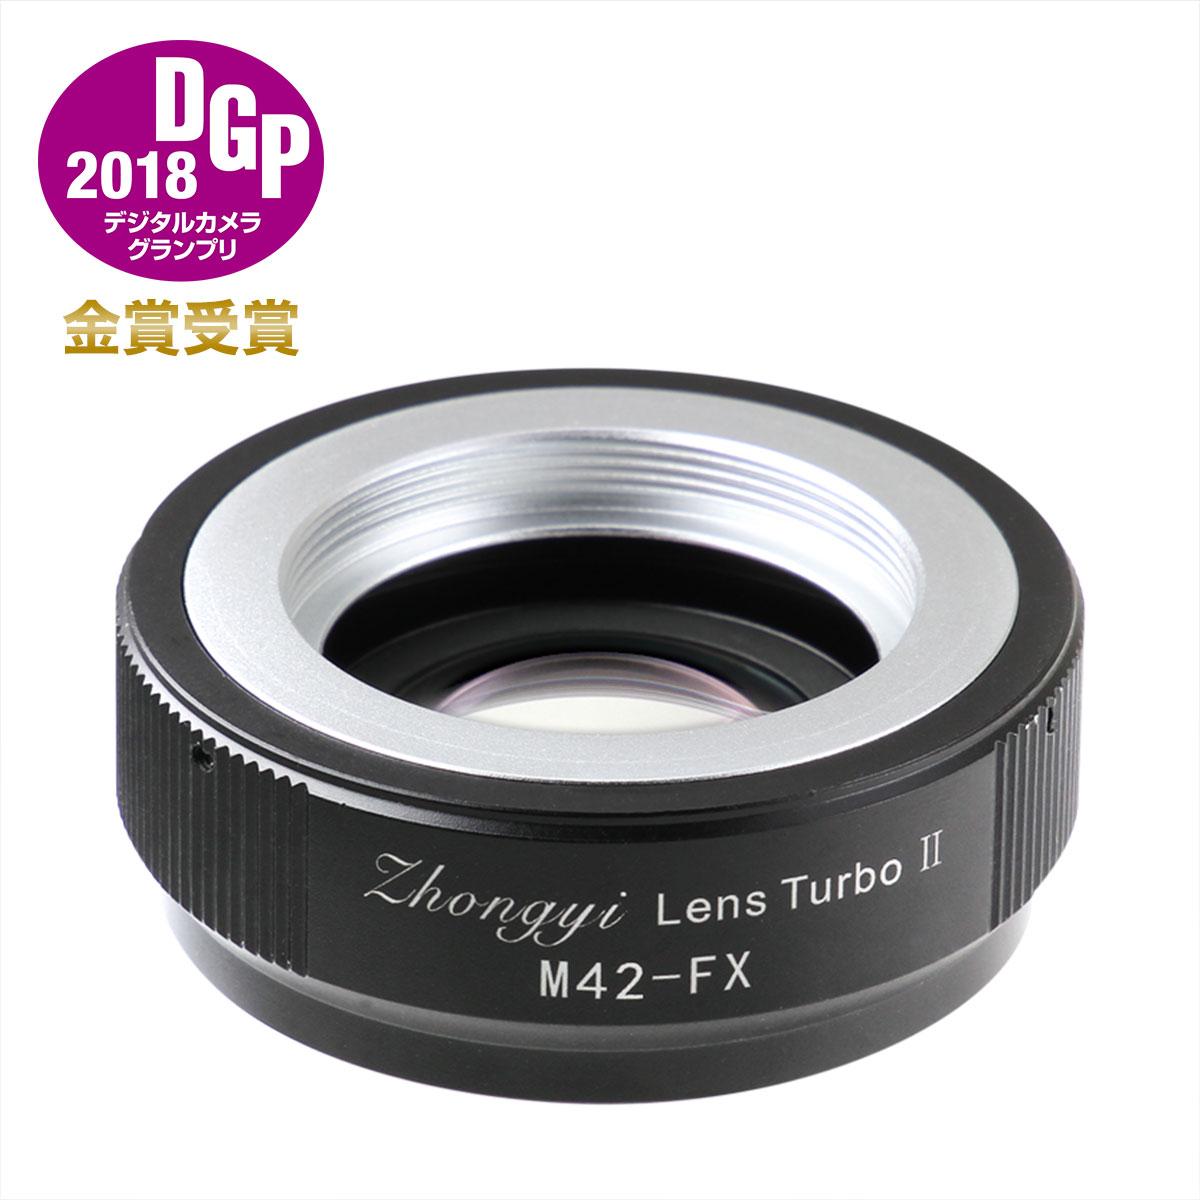 中一光学 Lens Turbo II M42-FX M42マウントレンズ - 富士フイルムXマウント フォーカルレデューサーアダプター